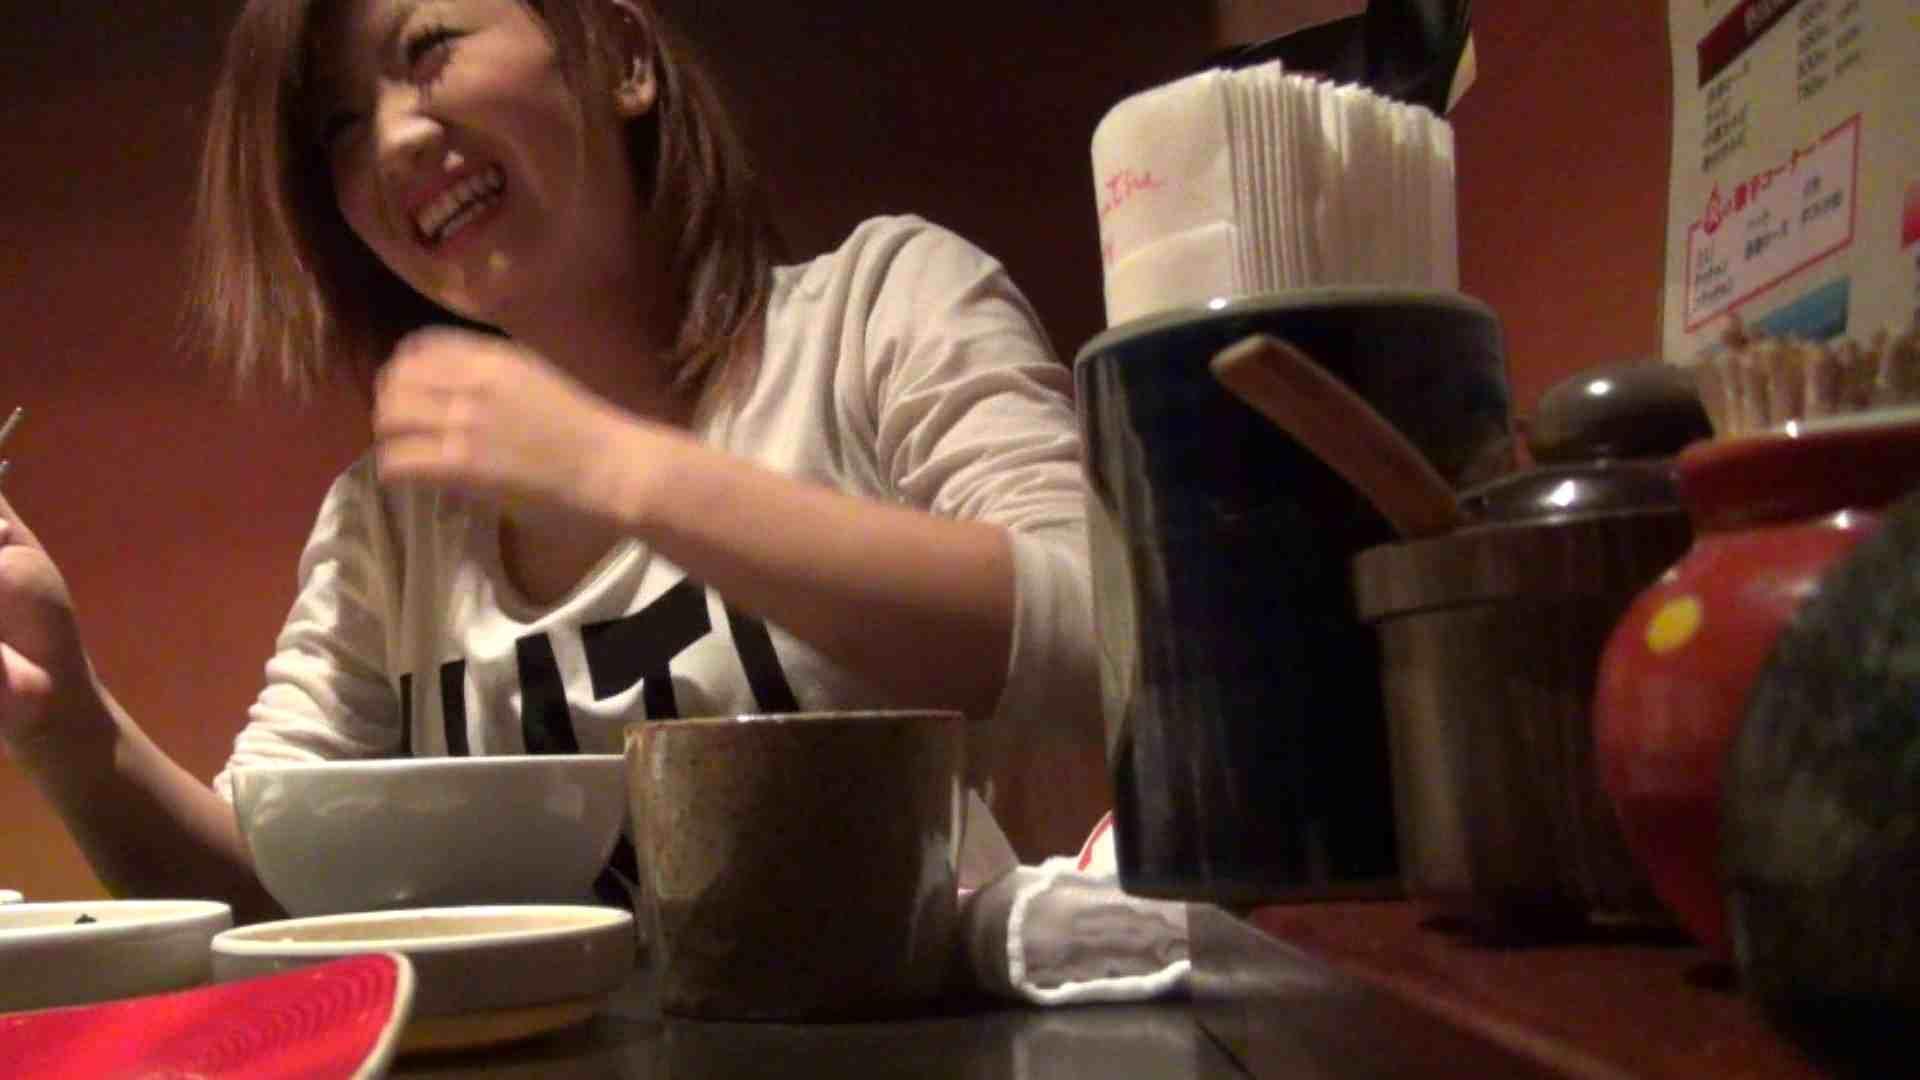 【出会い01】大助さんMちゃんと食事会 エッチすぎる友人   悪戯  54連発 37